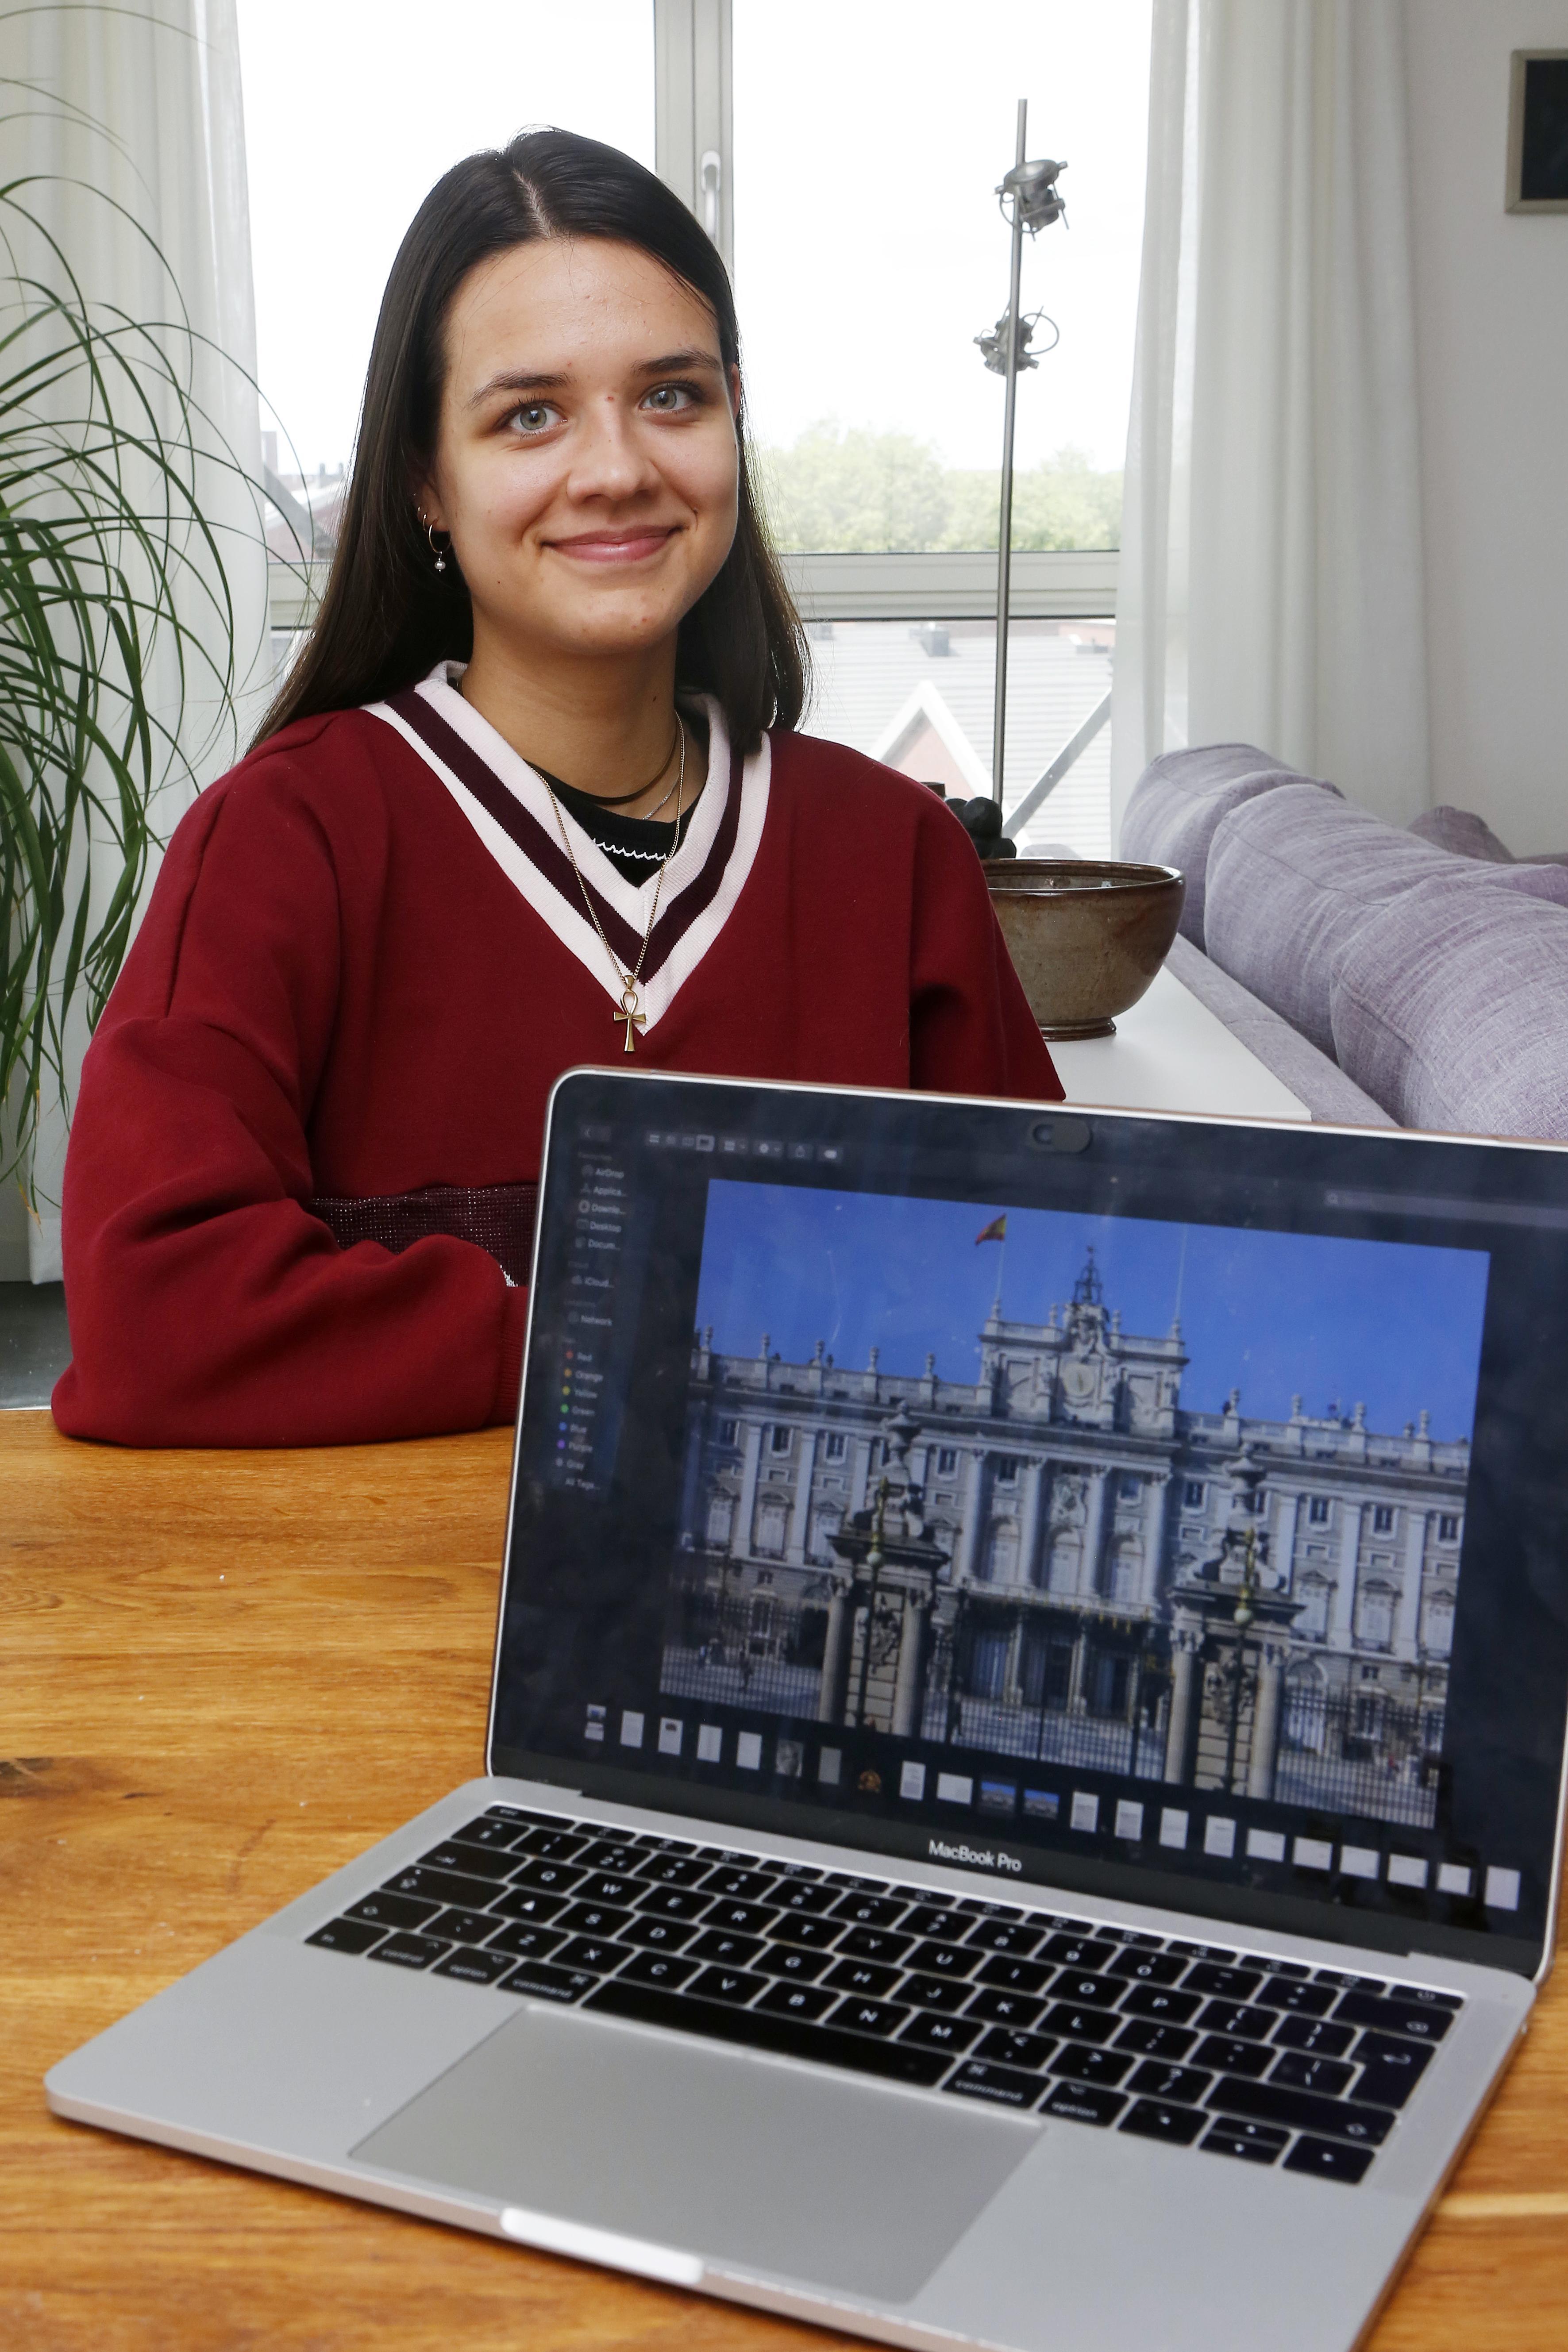 Mathilde Drost Koenen uit Hilversum over buitenlandstudie: 'Niet alleen leuk, maar ook relevant voor mijn toekomst'